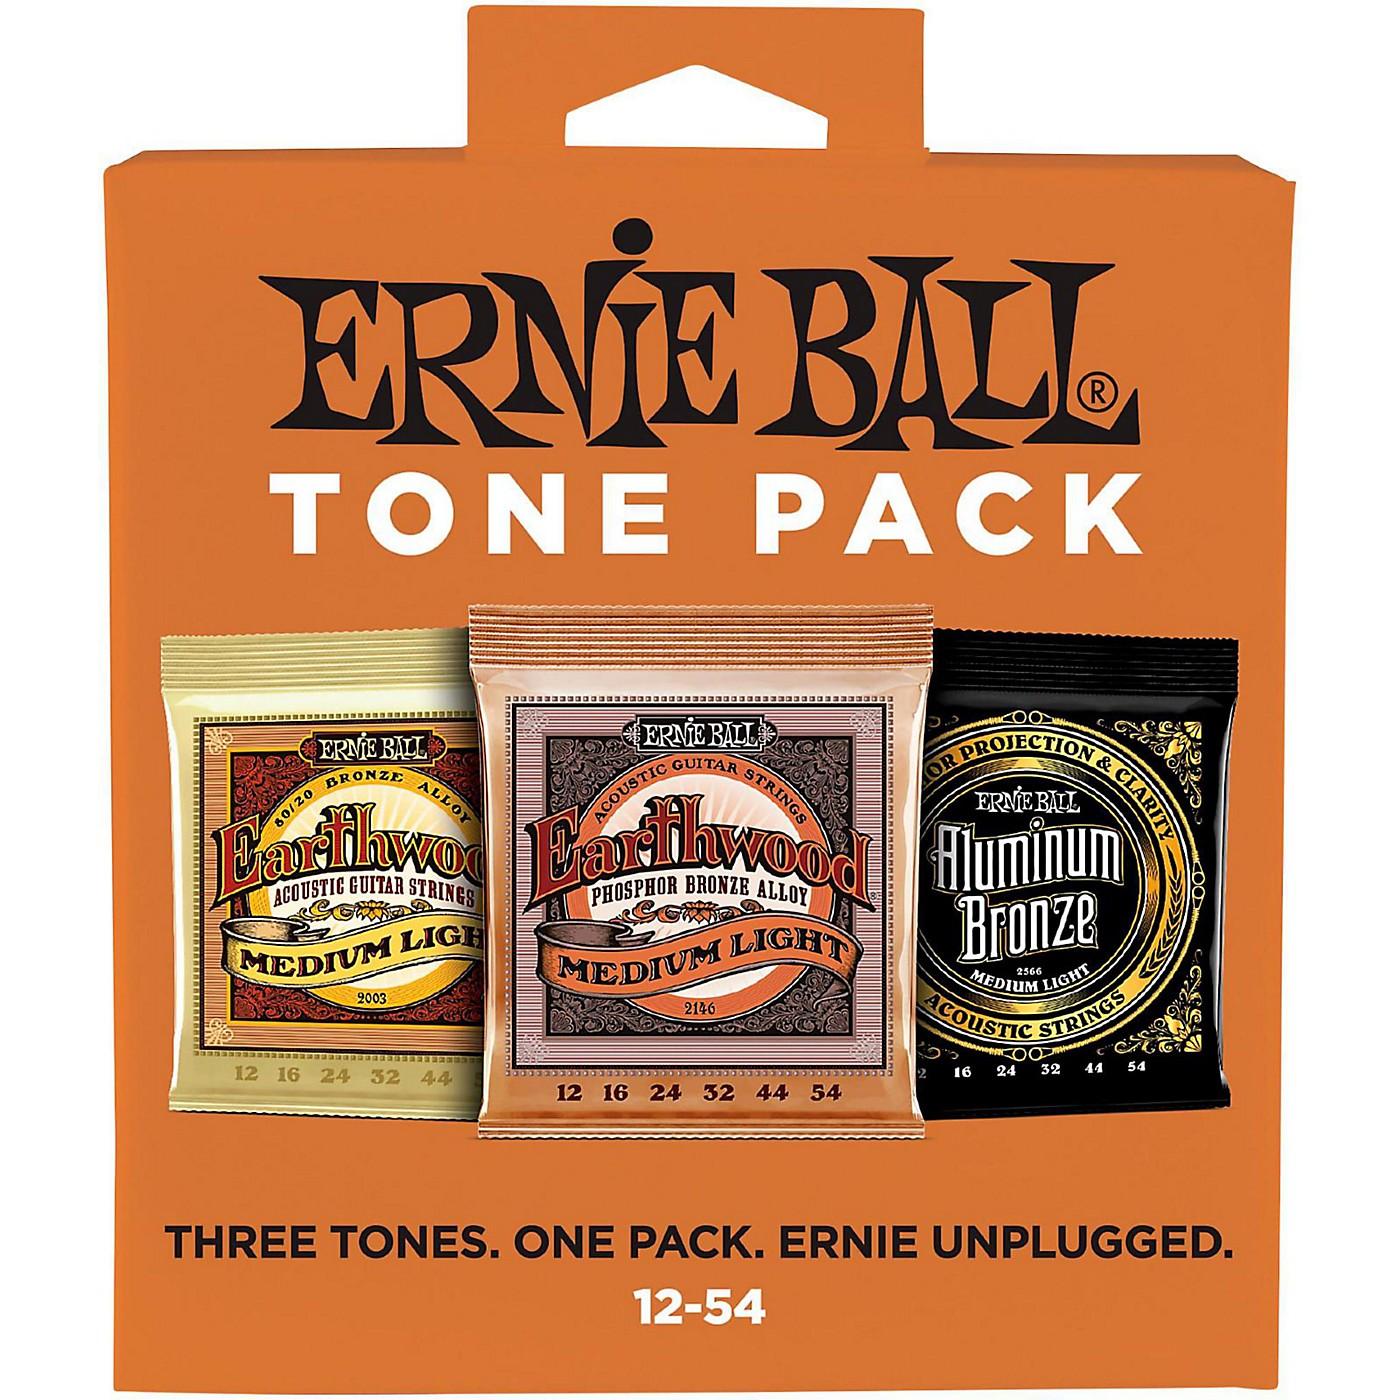 Ernie Ball Ernie Ball Medium Light Acoustic Guitar String Tone Pack thumbnail